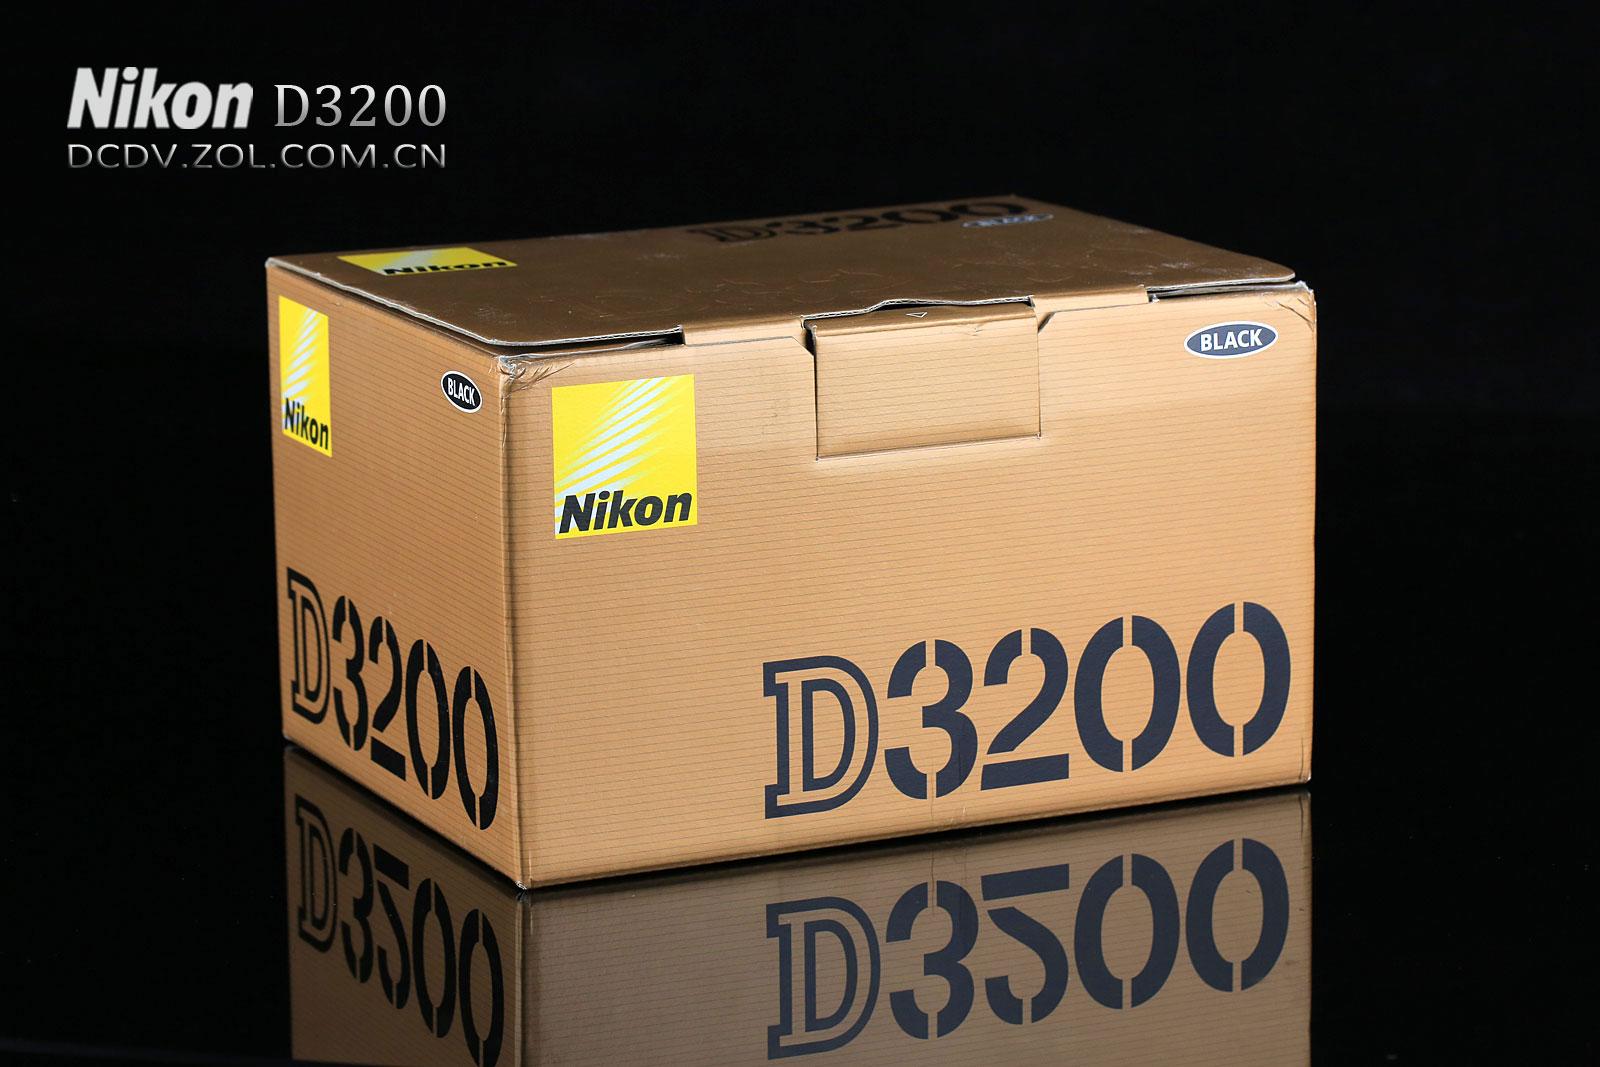 尼康D3200采用了2420万有效像素和EXPEED 3处理器,感光度范围ISO 100-6400 可扩展至12800,可实现每秒4张的高速连拍,具备11点自动对焦系统,机背搭载一枚3英寸640480分辨率屏幕,并且还支持1080/30p以及720/60p H.264编码。下面是尼康D3200外观及细节展示,敬请关注:(作者:付丽艳 2012-05-09) 收起